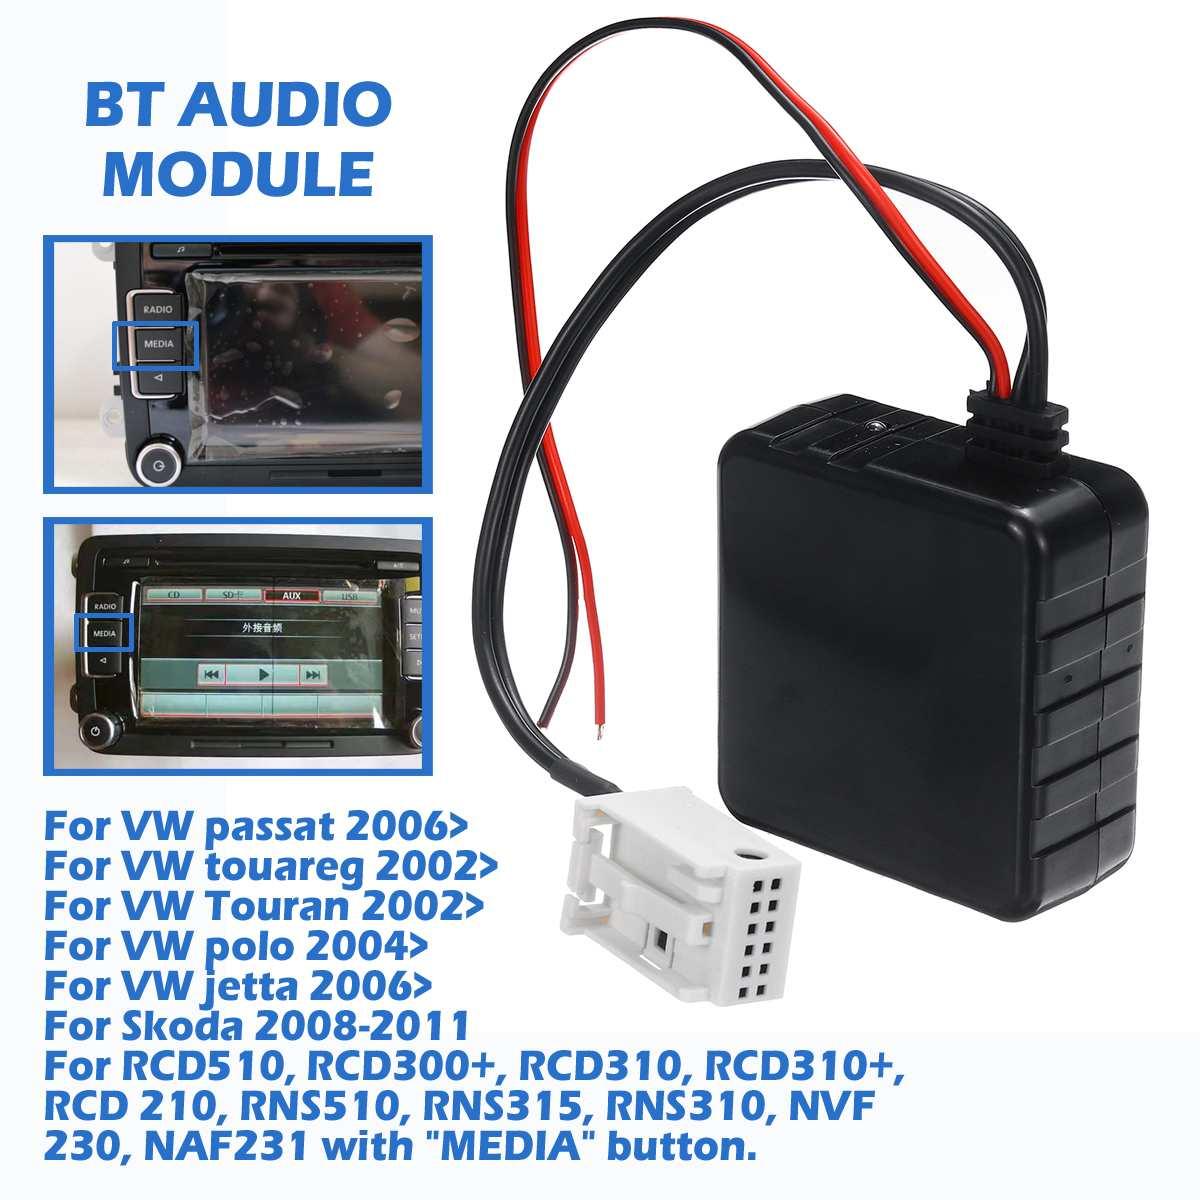 Беспроводной 5-12 в автомобильный модуль bluetooth 5,0 вспомогательный кабель адаптер для VW RCD510 300 + 310 310 + CD хост-блок